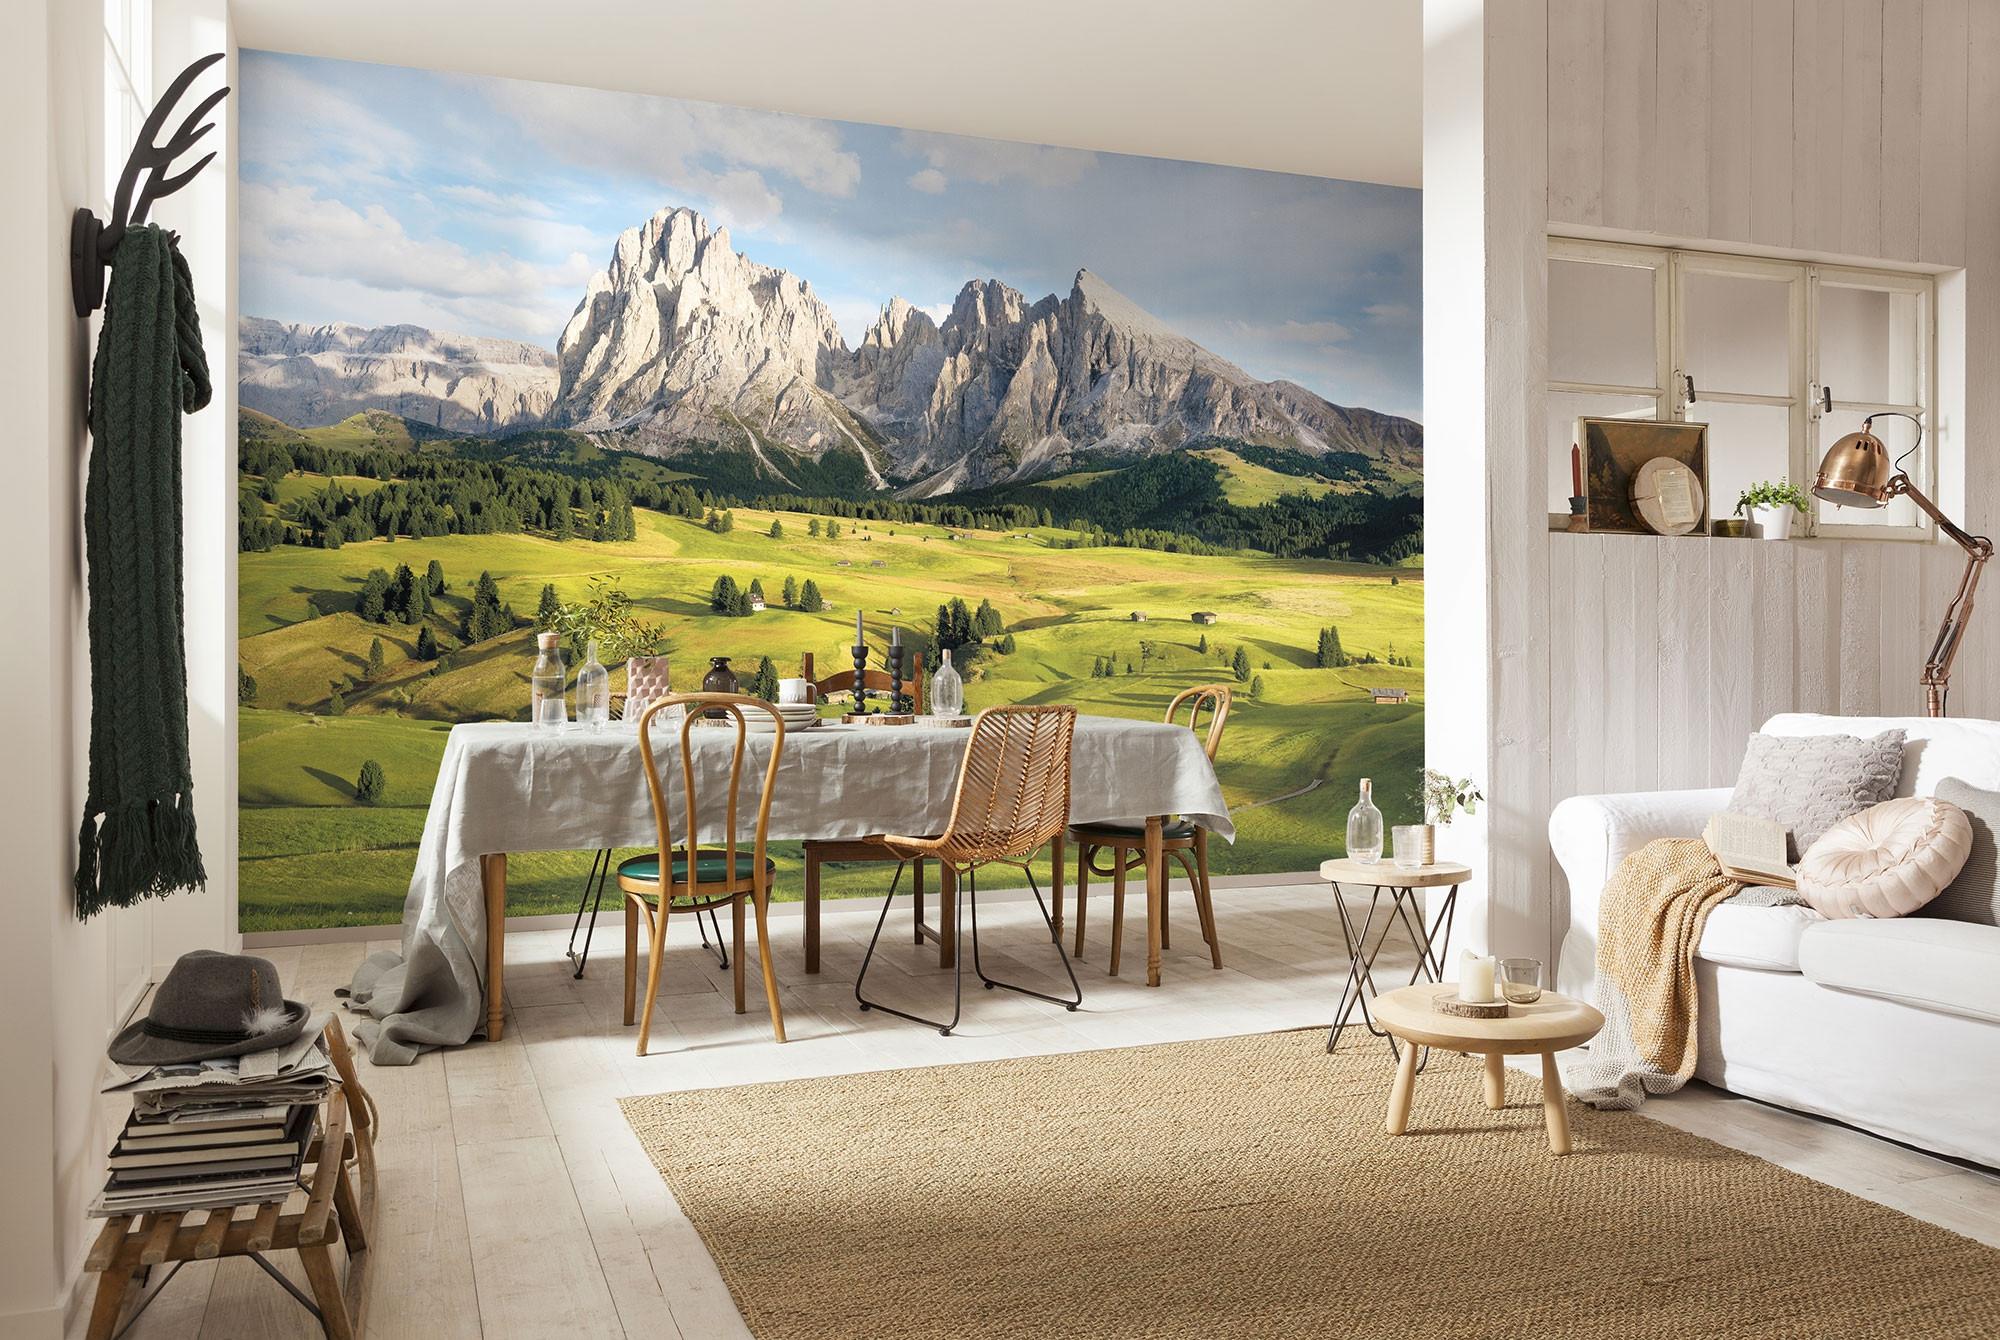 fototapete auf vlies alpen von stefan hefele. Black Bedroom Furniture Sets. Home Design Ideas